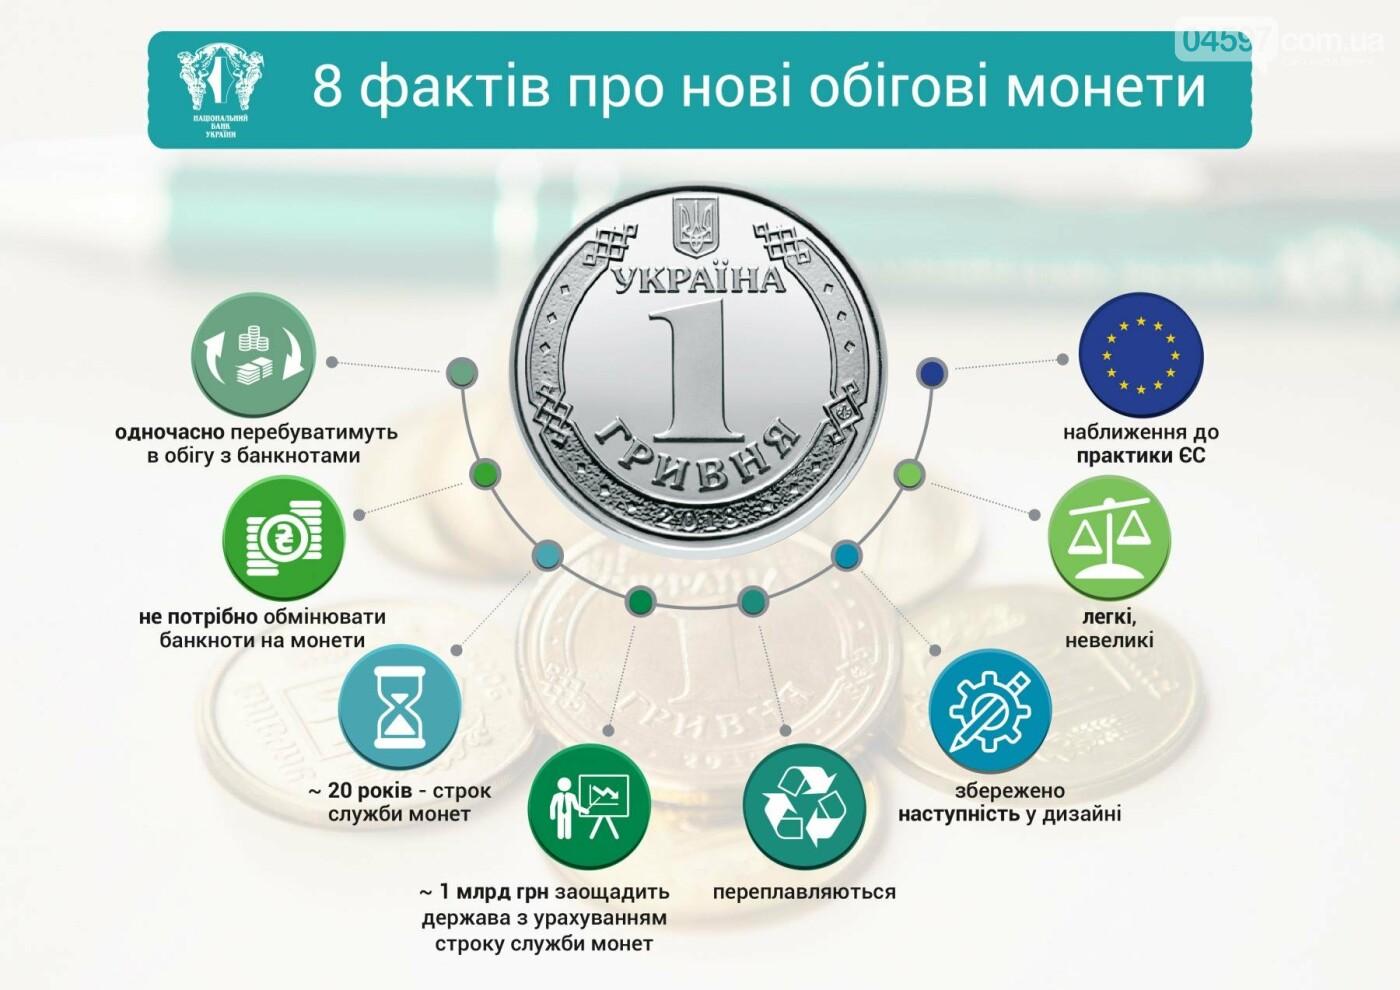 8 цікавих фактів про нові обігові монети, фото-1